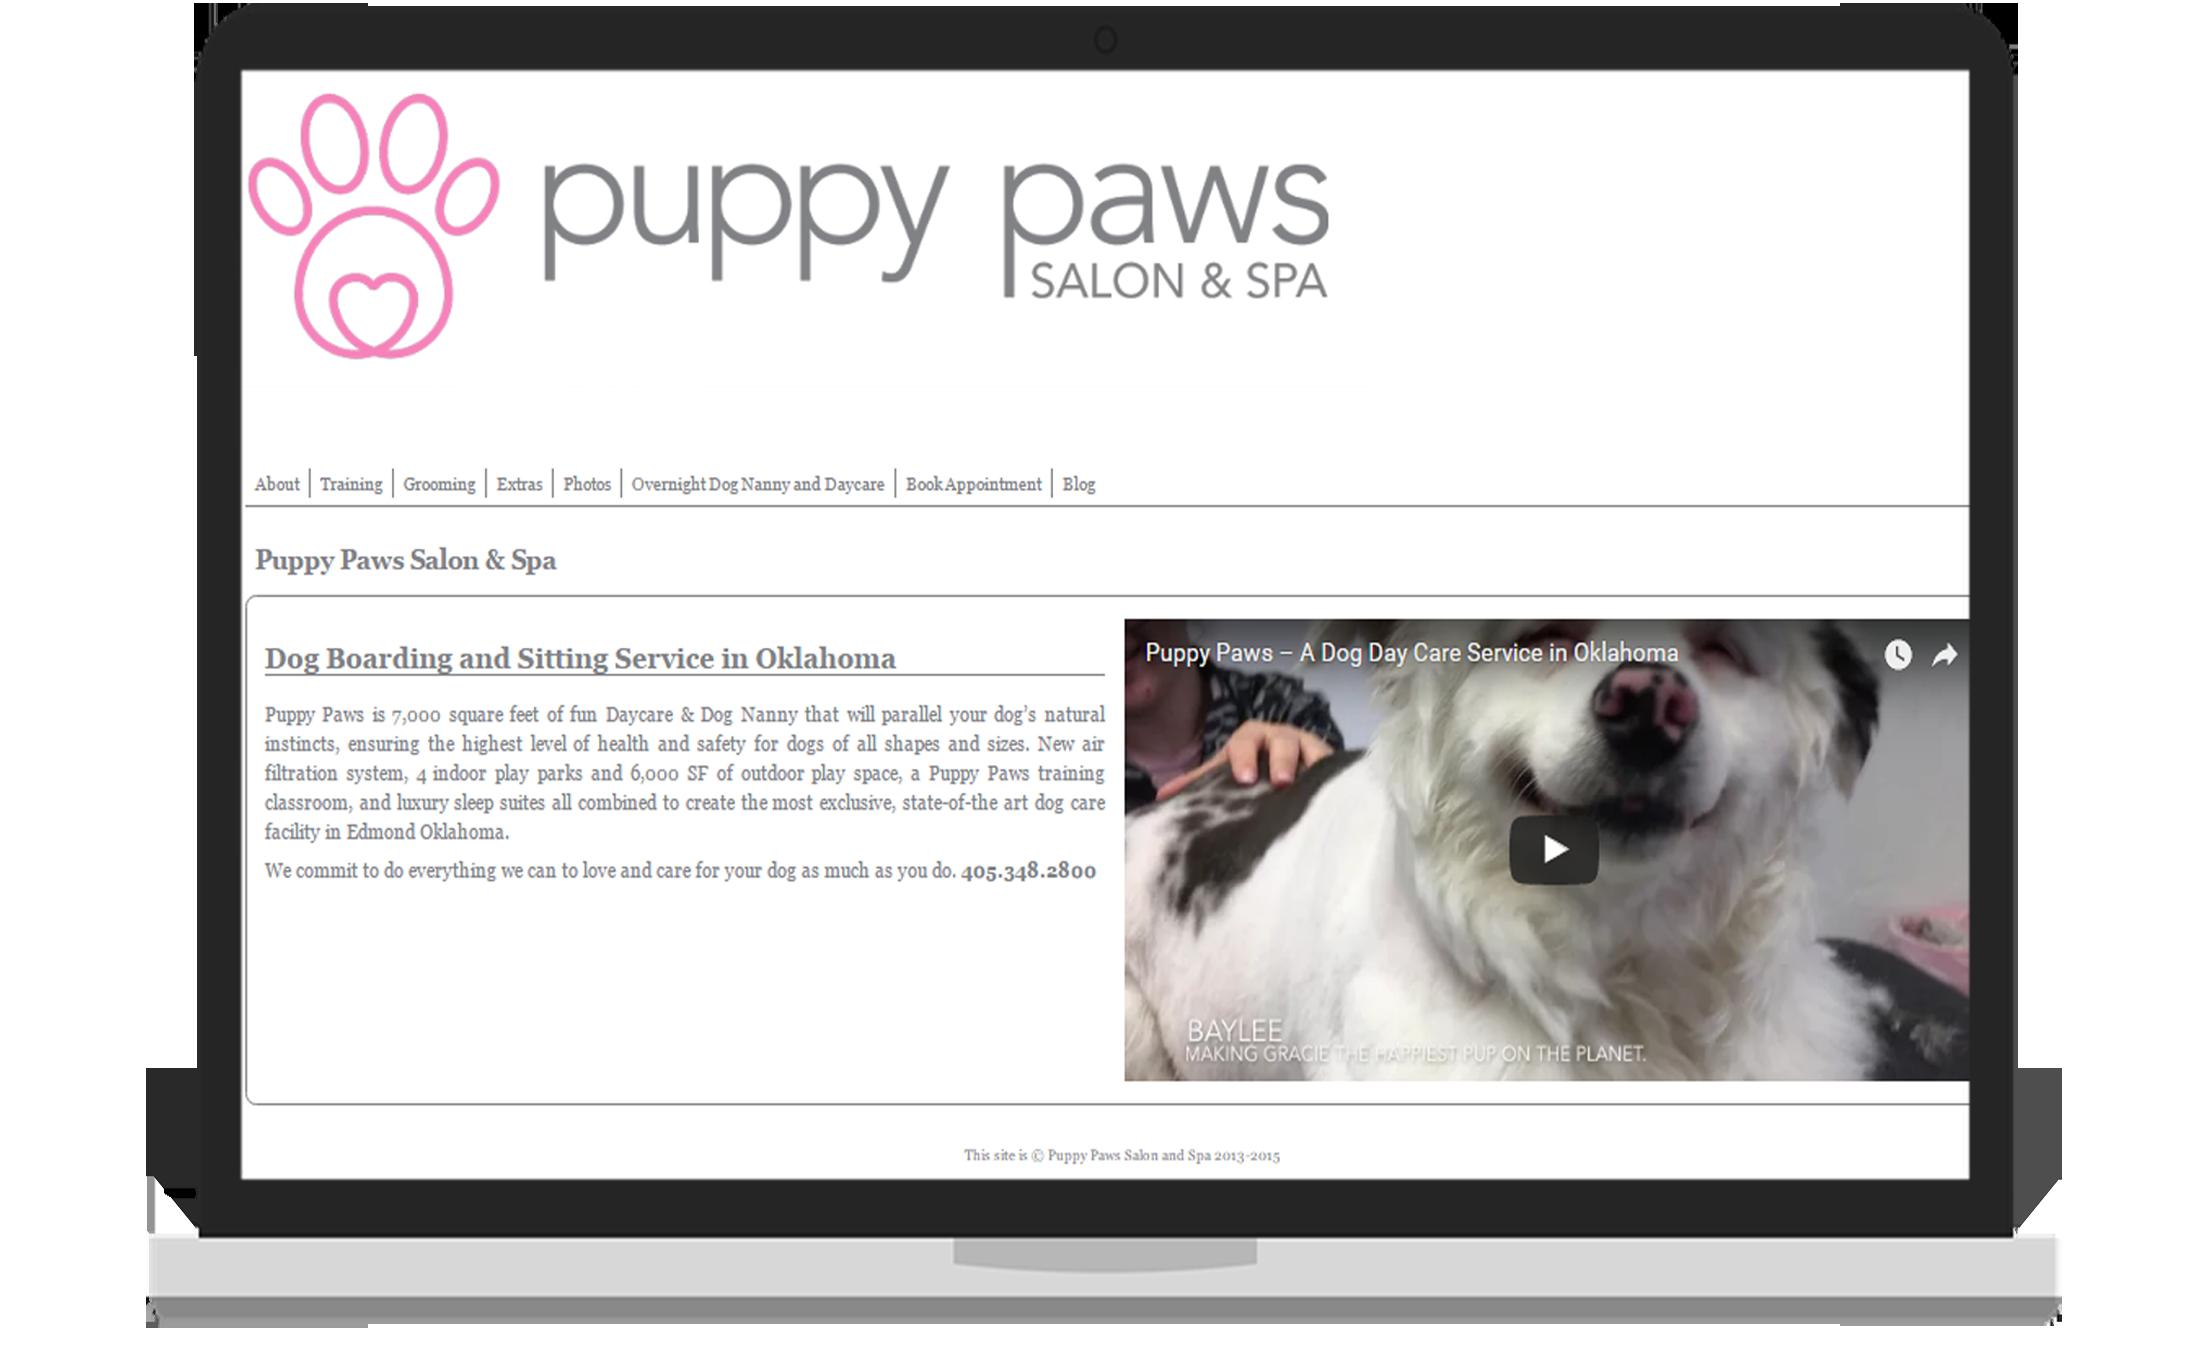 puppypaws